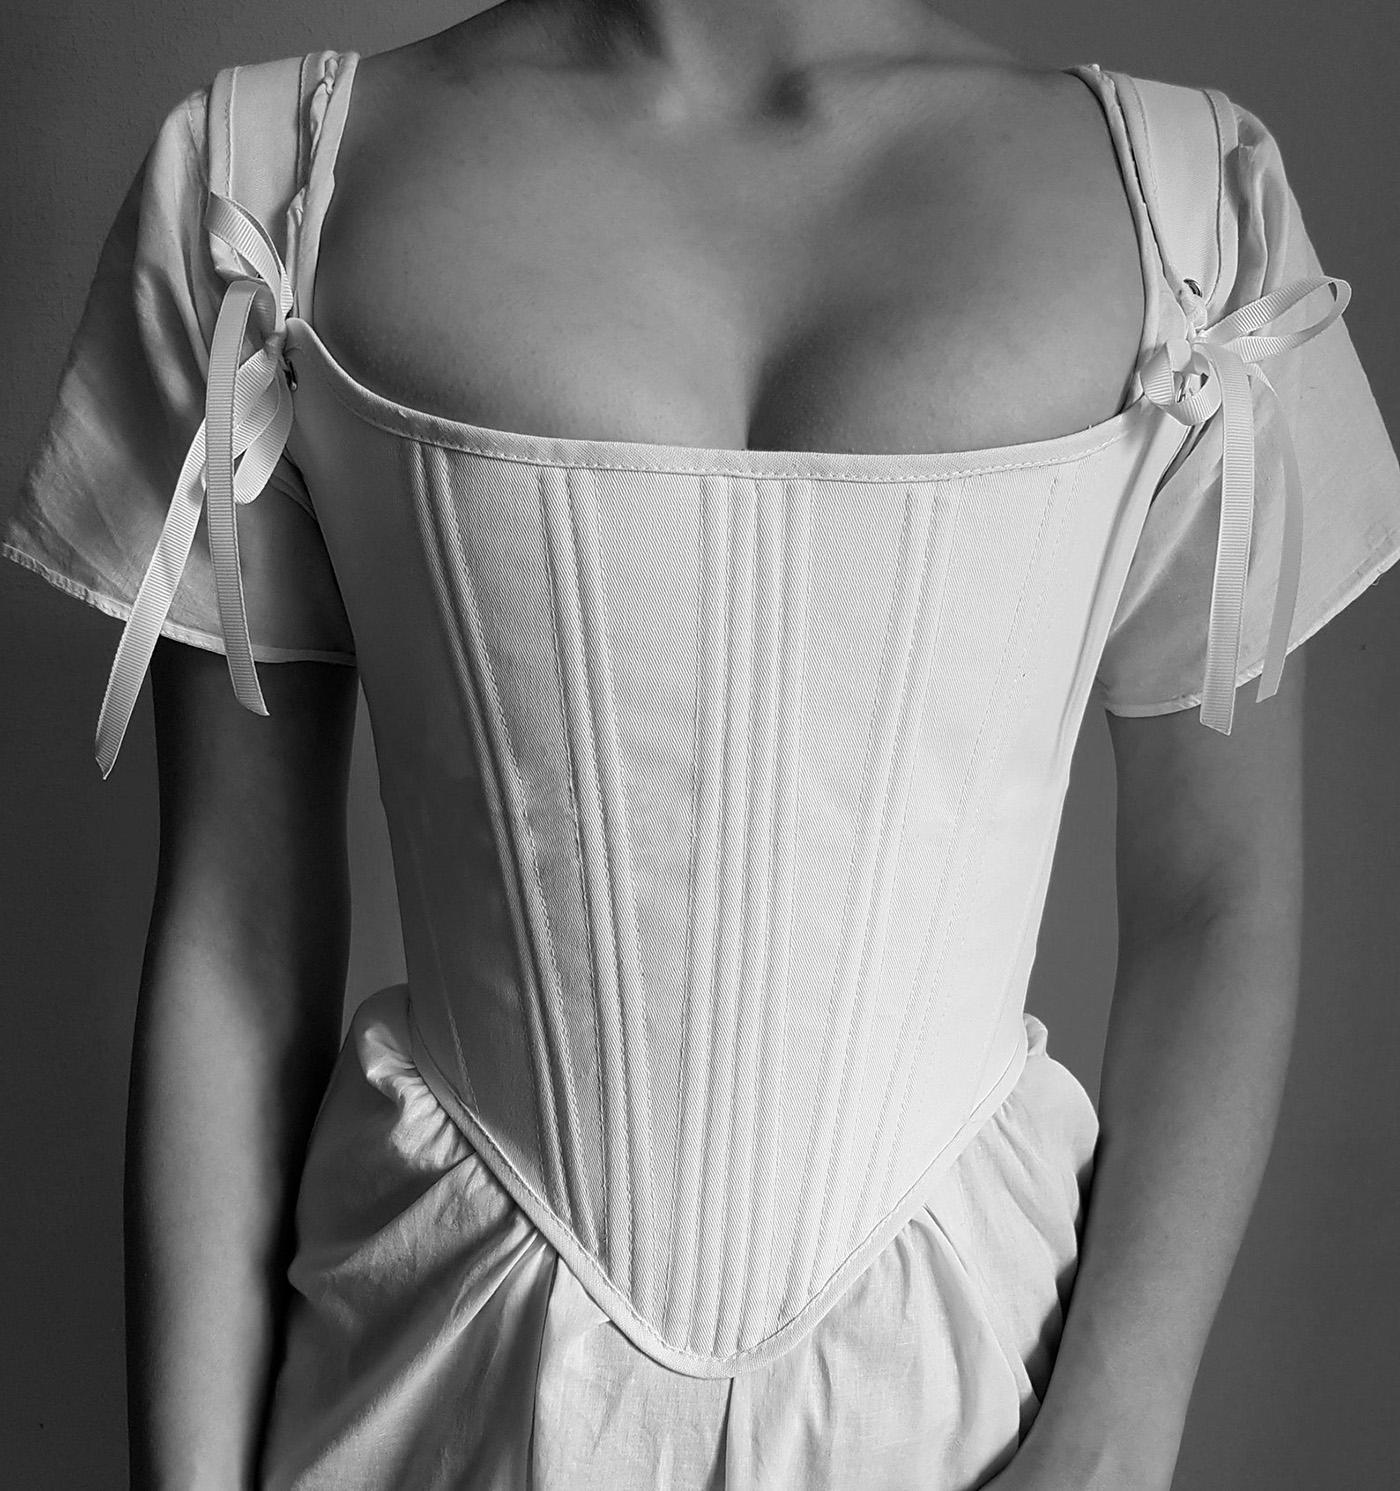 Bridgerton-inspired corset top